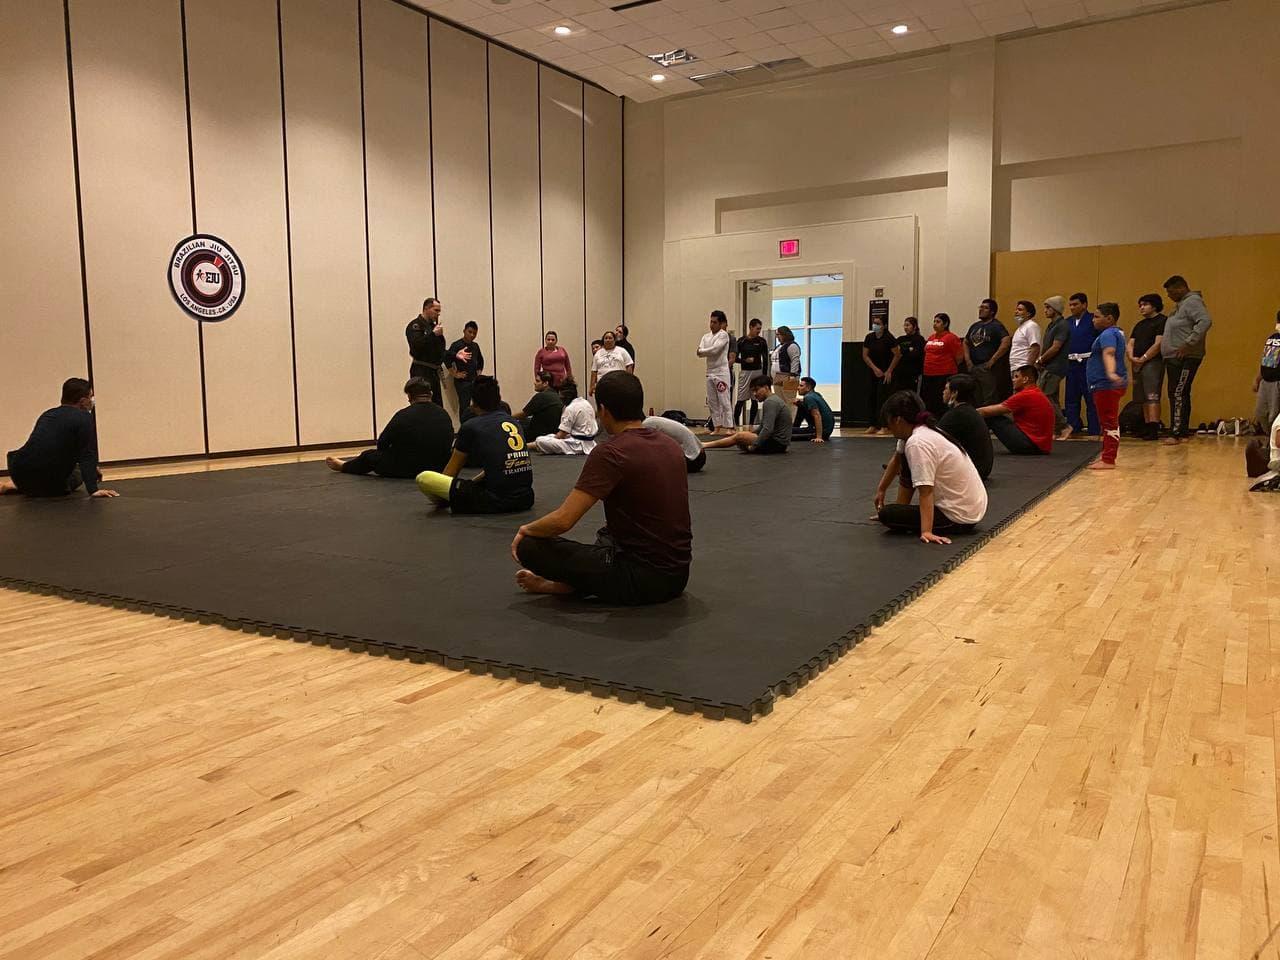 Concientización sobre el bienestar físico a través de las artes marciales1 min read